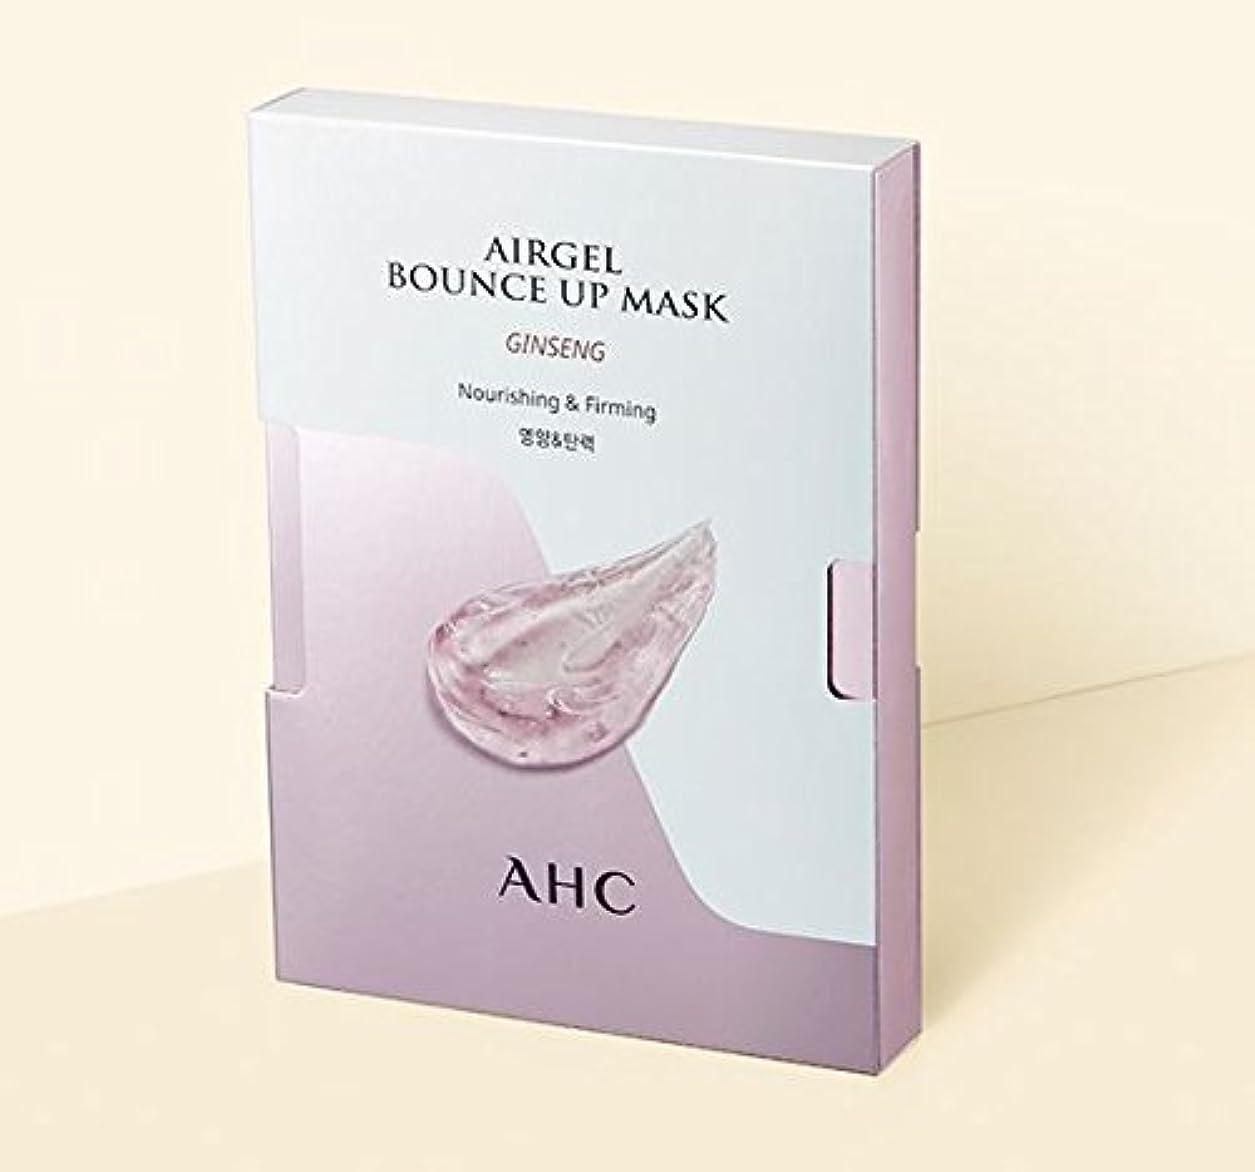 邪魔する原油昆虫を見る[A.H.C] Airgel Bounce Up Mask GINSENG (Nourishing&Firming)30g*5sheet/ジンセンエアゲルマスク30g*5枚 [並行輸入品]